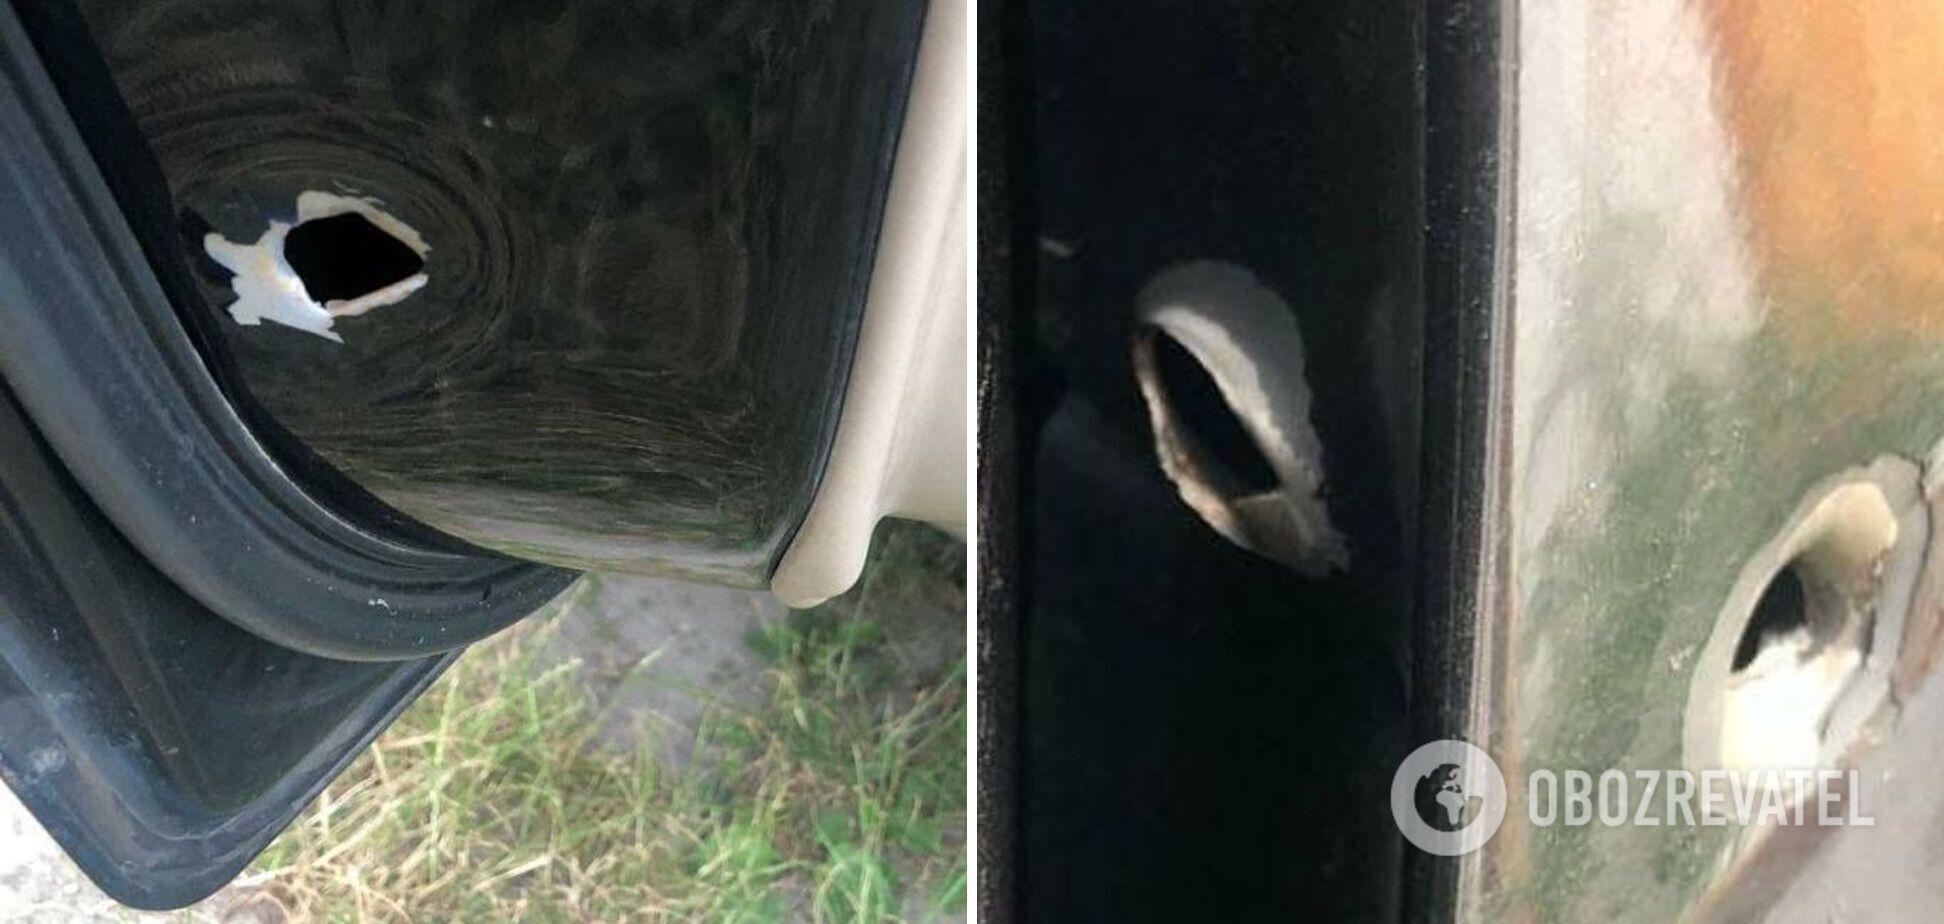 Автомобіль, який на Позняках обстріляли співробітники СБУ